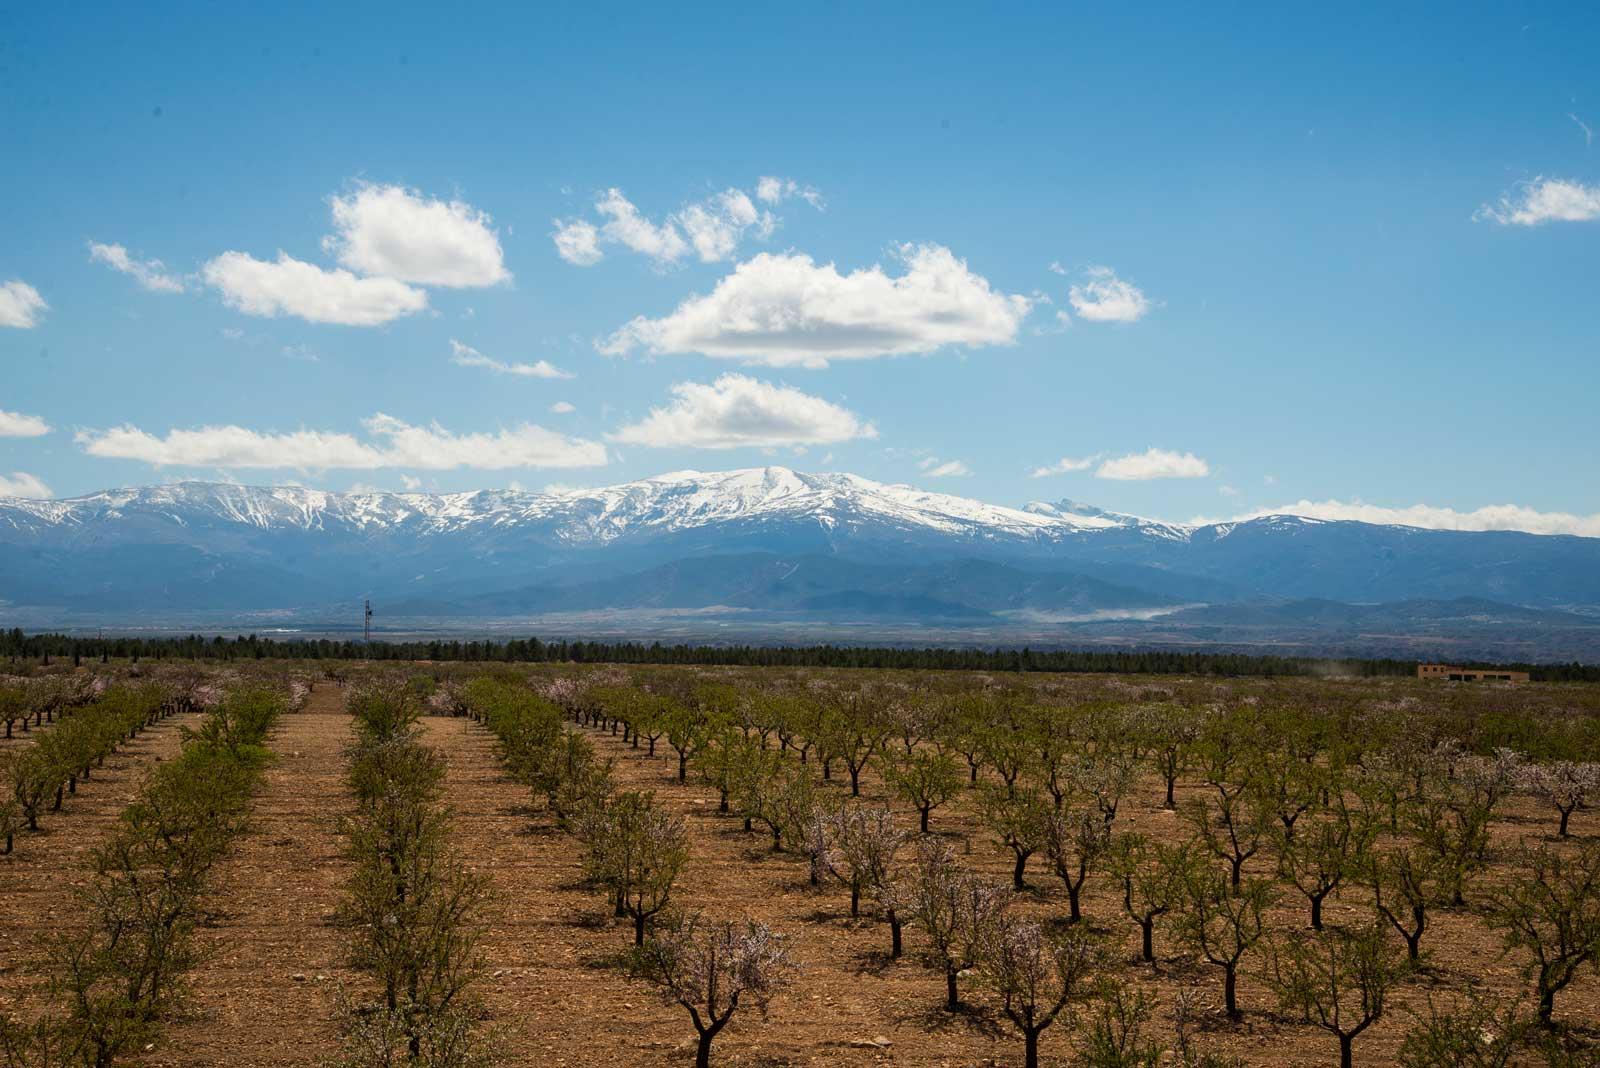 Store og symmetriske åkere med trær. Legg merke til fjellene i Sierra Nevada i bakgrunnen. Fortsatt snø der.